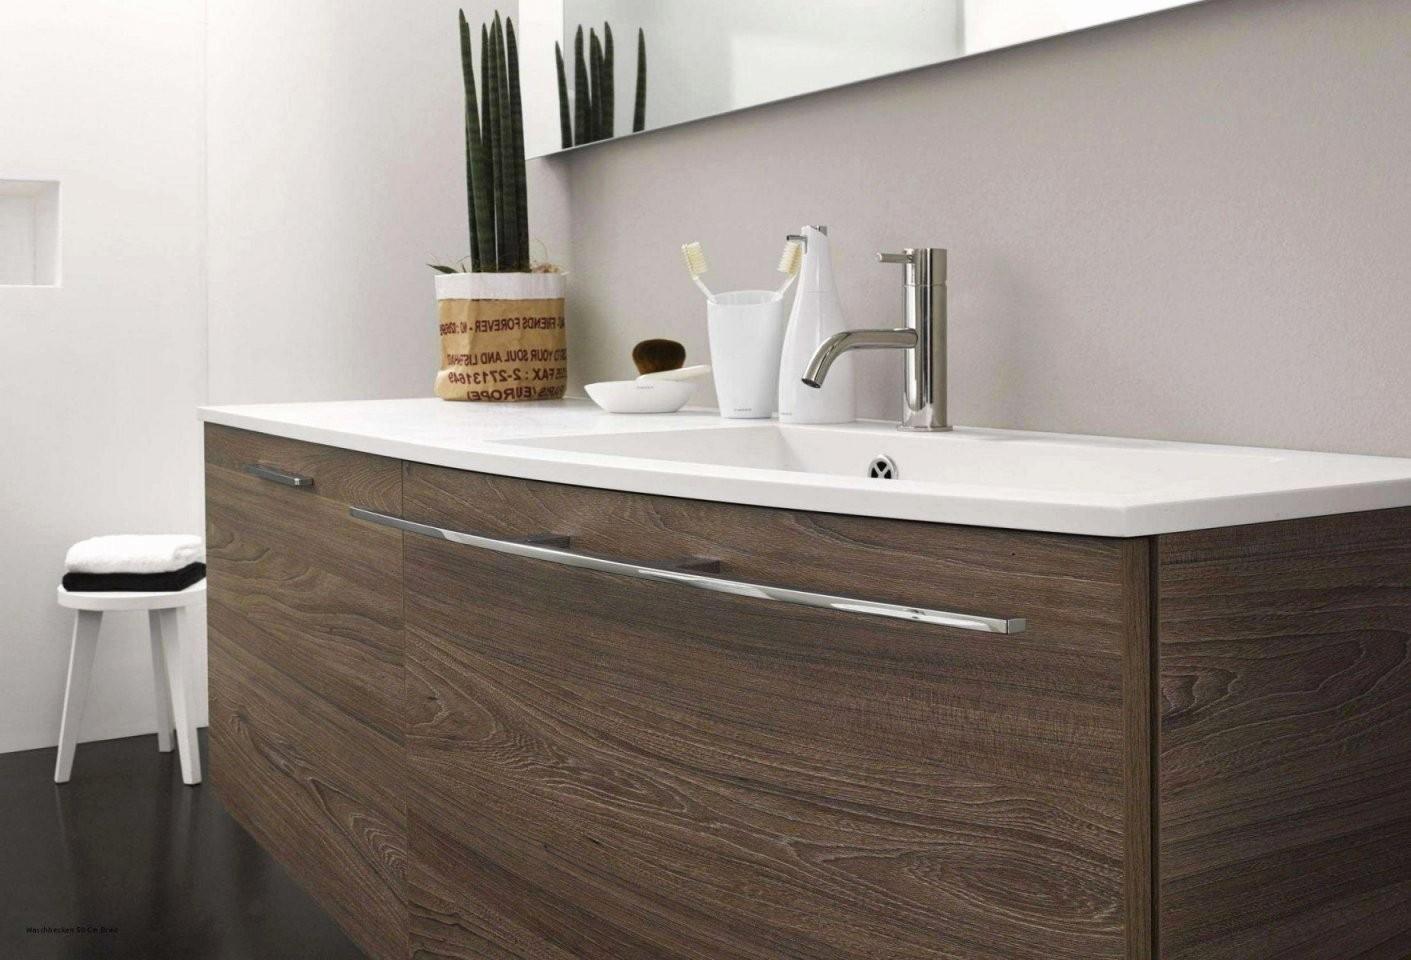 Lavabo 70 Cm Moderne Waschtischunterschrank Waschtisch Mit von Waschtisch Mit Unterschrank 70 Cm Breit Bild